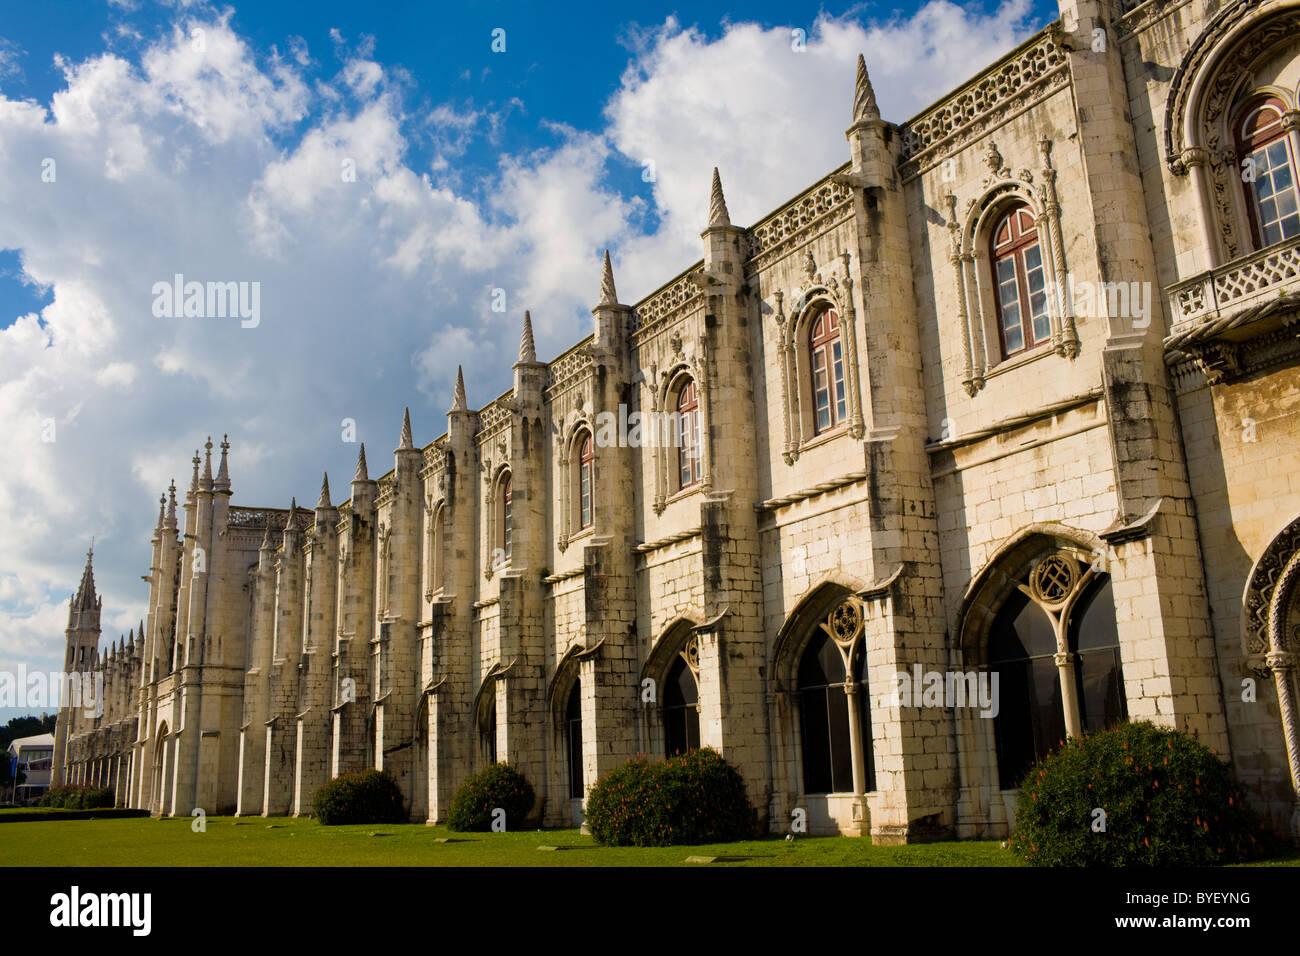 Jeronimos Monastery aka Mosteiro dos Jerónimos, Belém, Lisbon, Portugal - Stock Image